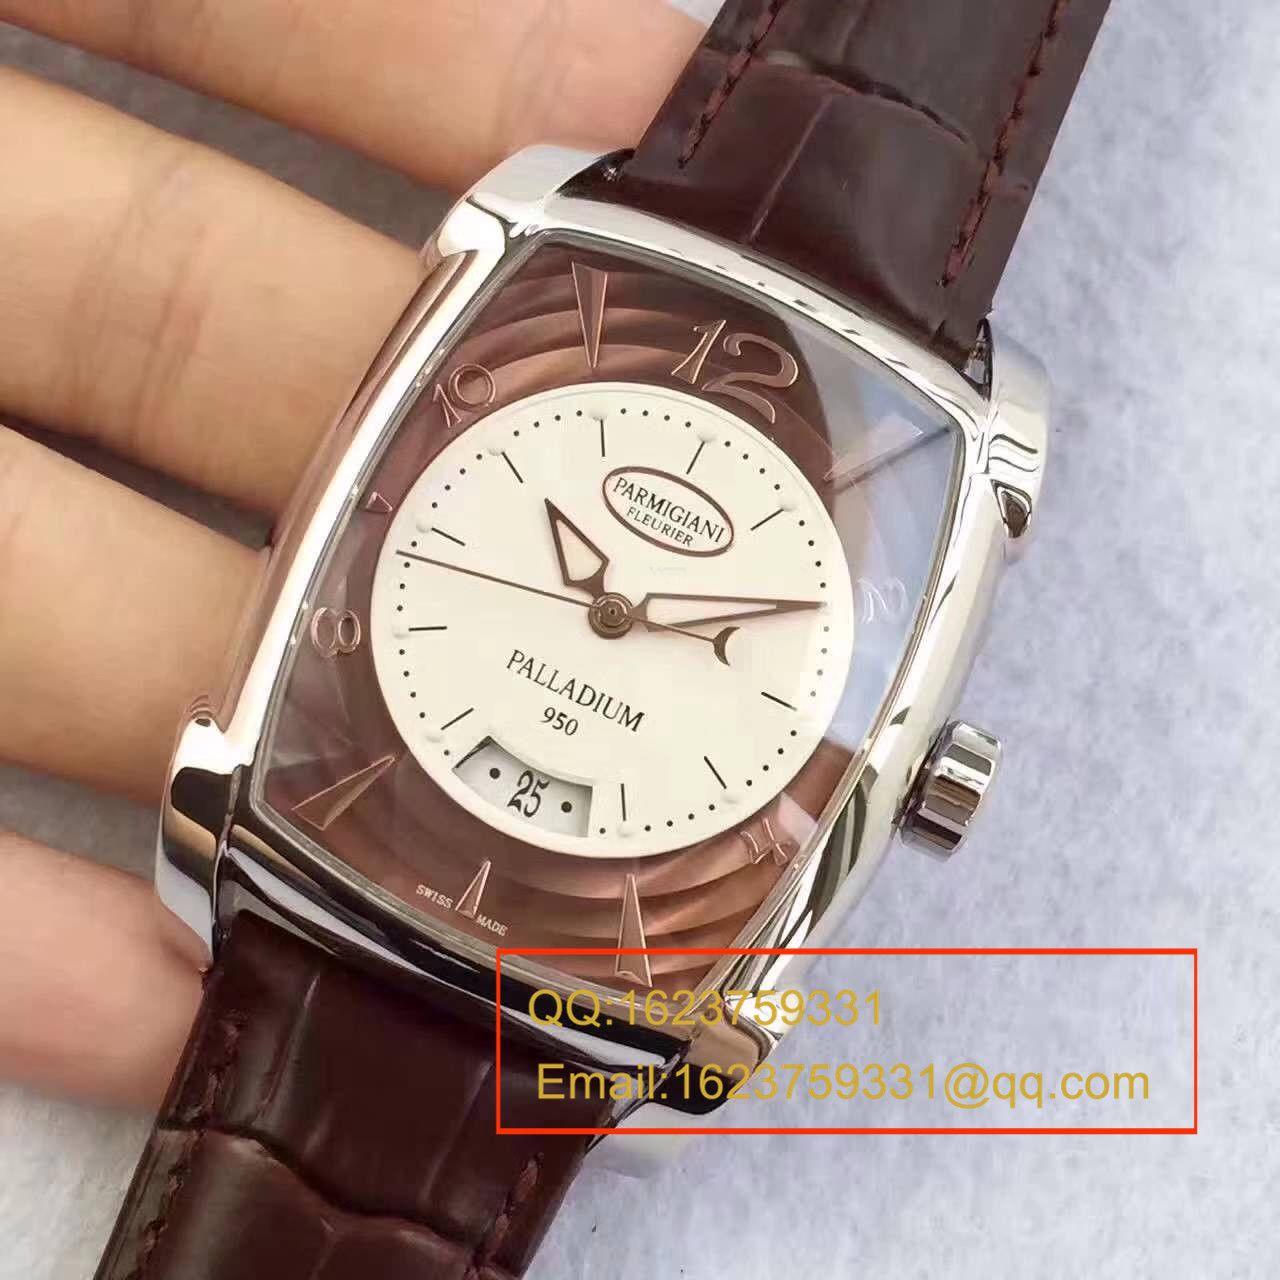 【独家视频测评TF厂顶级复刻手表】帕玛强尼新款Kapla系列珍珠陀新款 / PM009